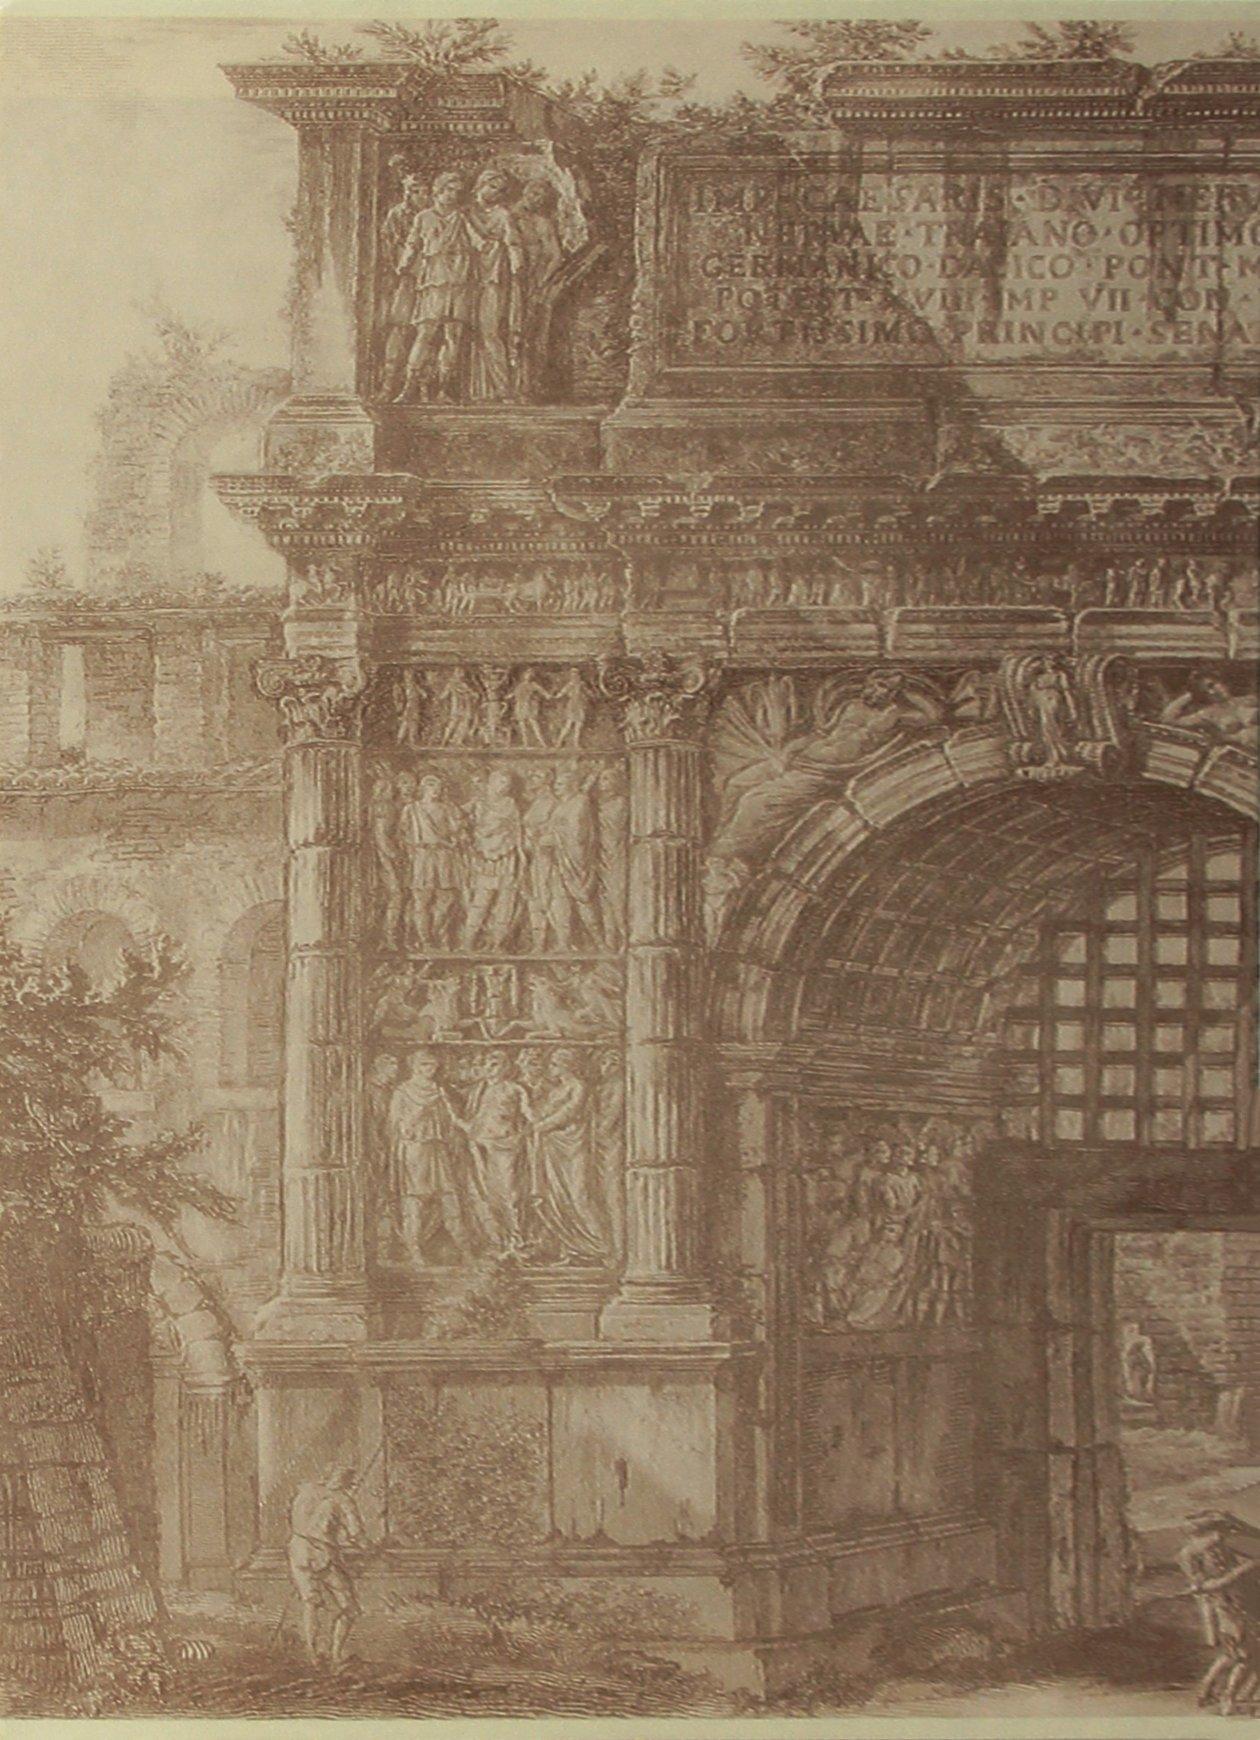 Campania del Grand tour. Vedute e ricordi di tre secoli di Napoli, Avellino, Benevento, Caserta, Salerno e dintorni. Ediz. numerata